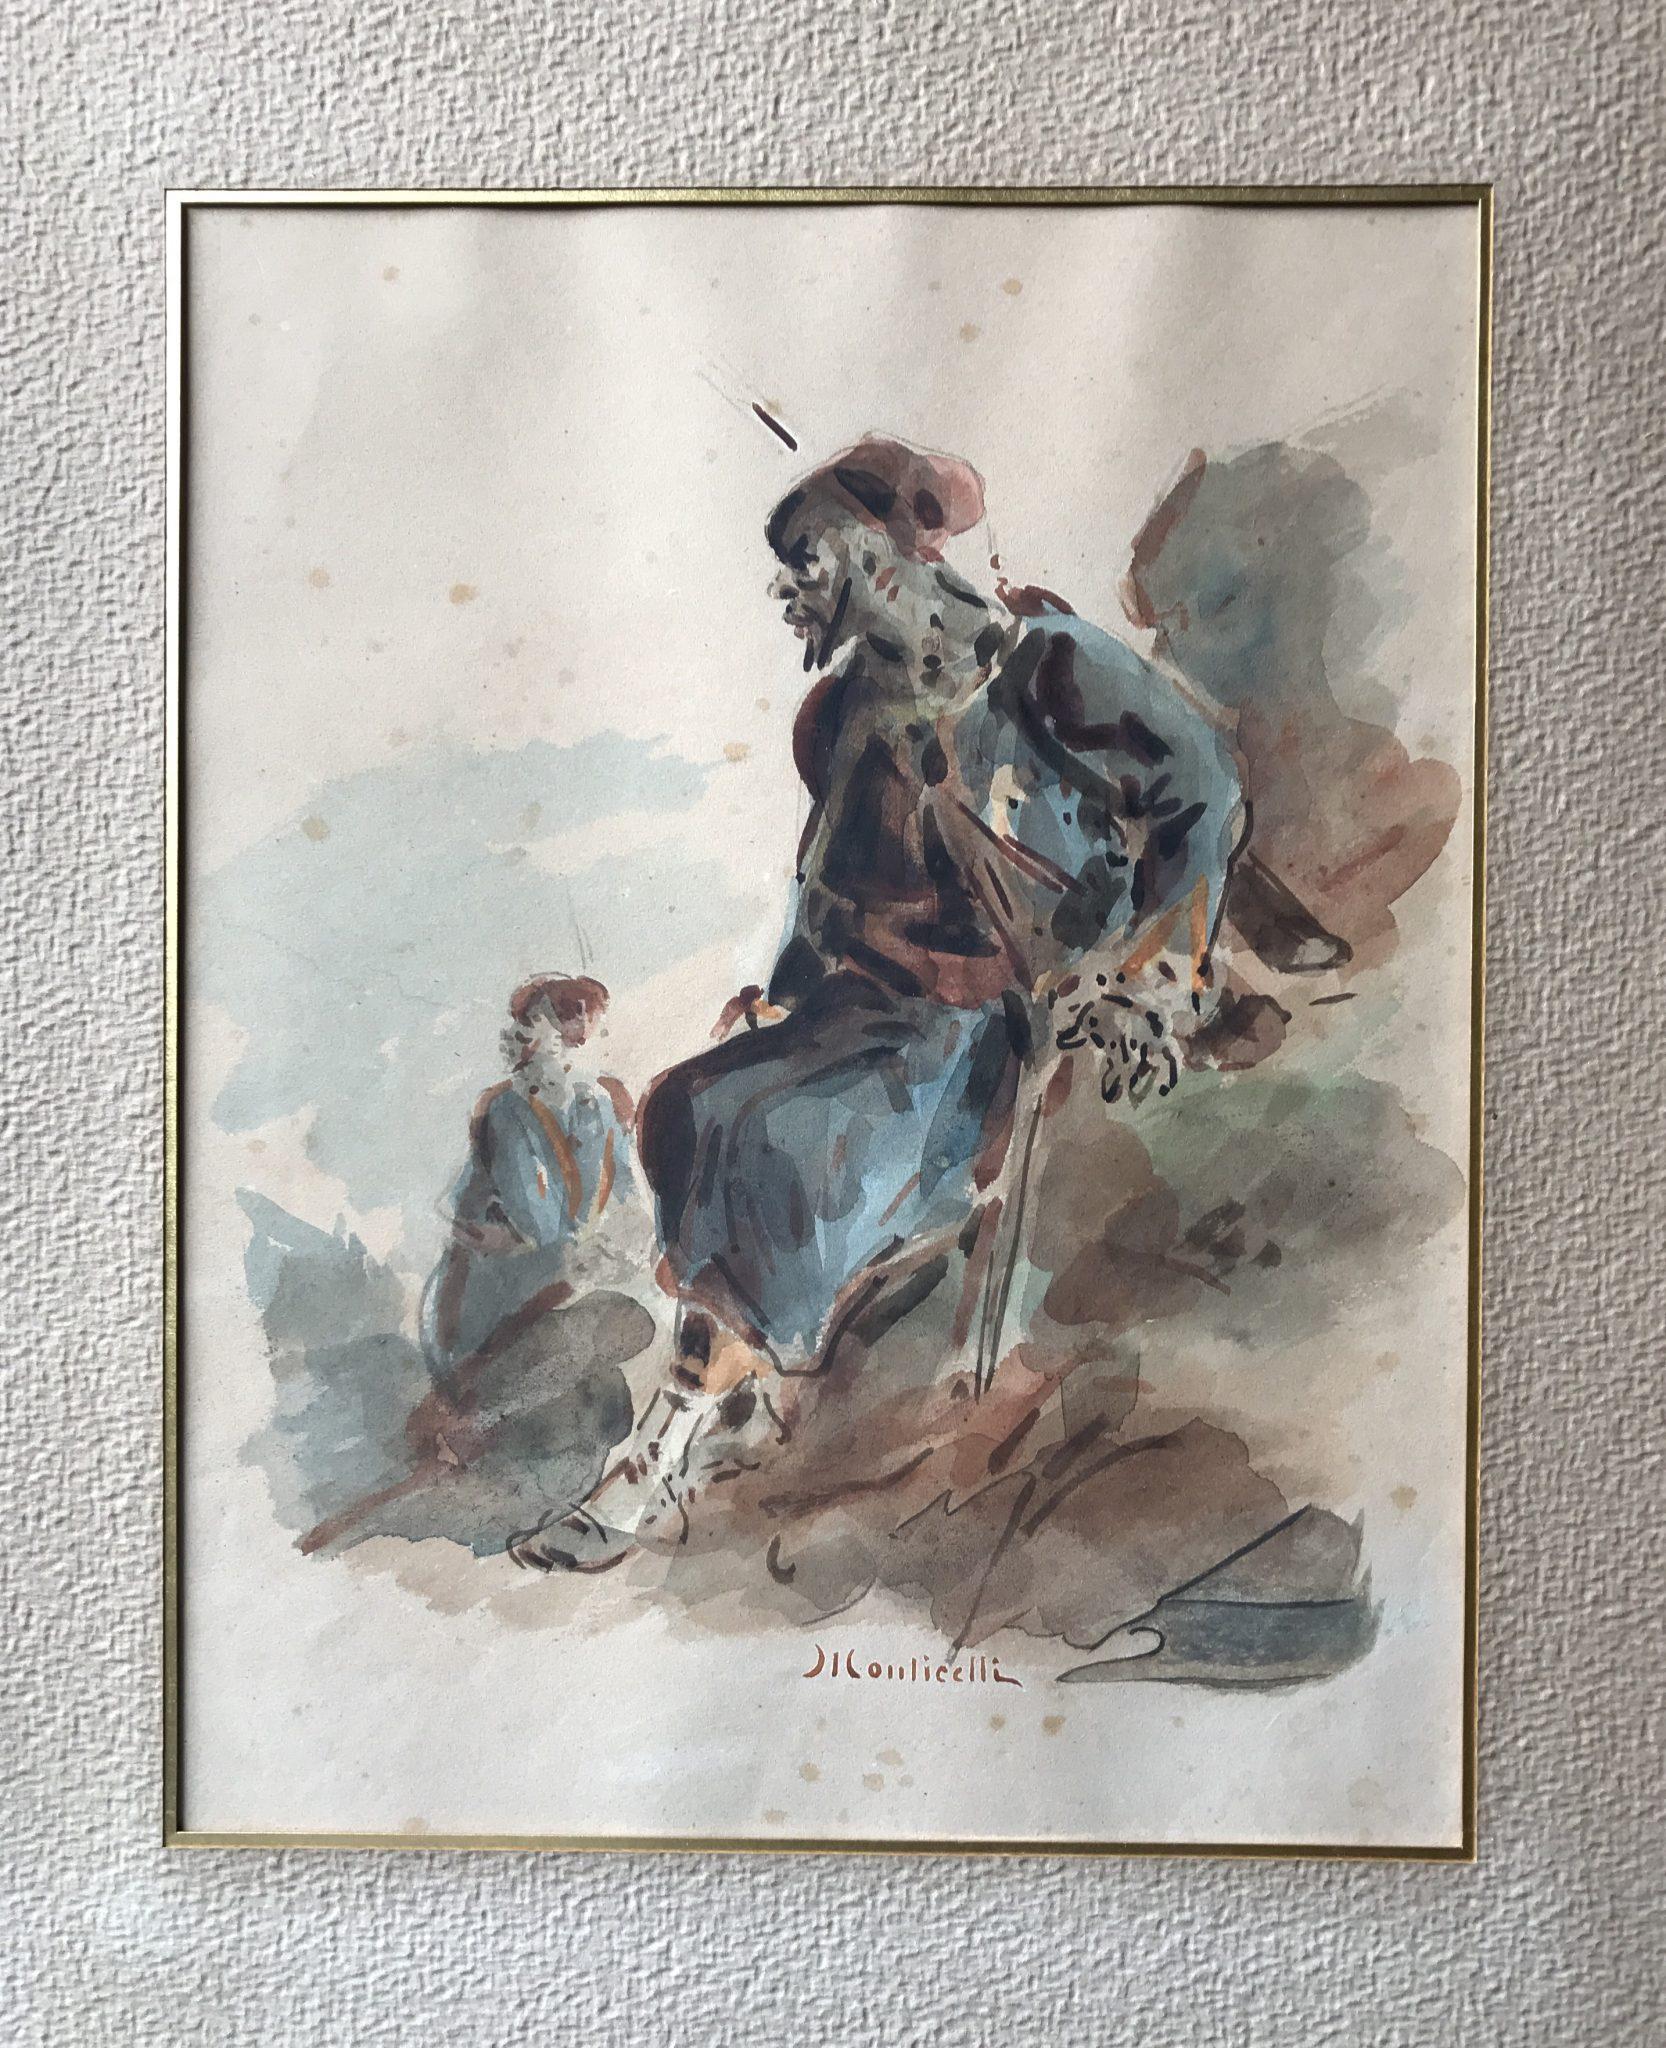 Adolphe MONTICELLI – Aquarelle orientaliste